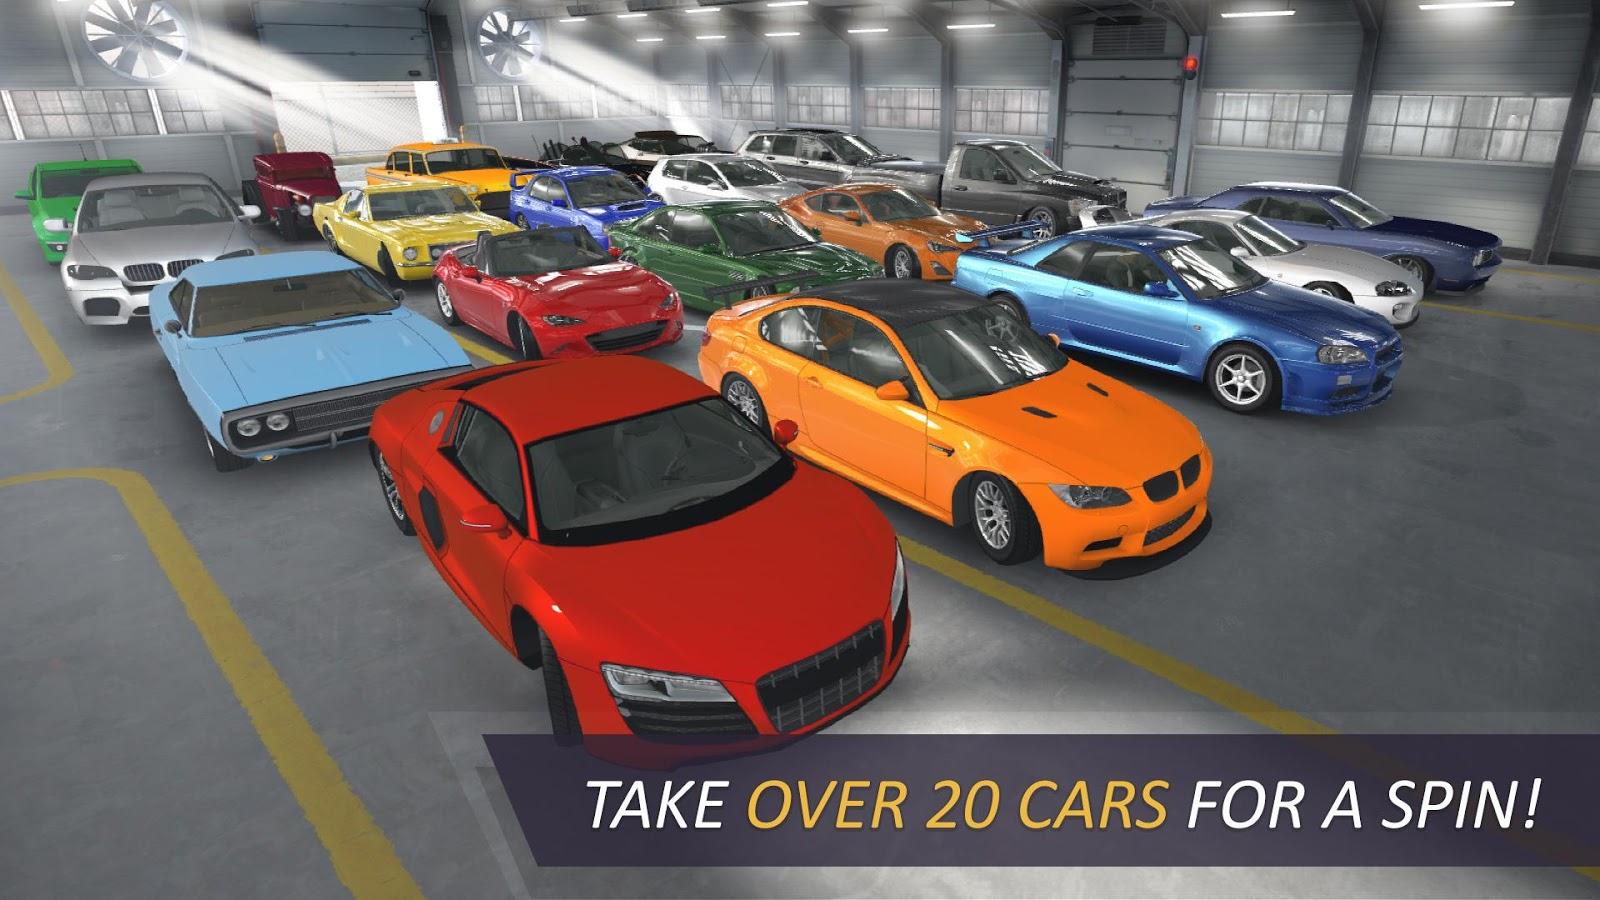 دانلود بازی اتومبیلرانی مسابقات در بزرگراه اندروید CarX Highway Racing 1.52.1